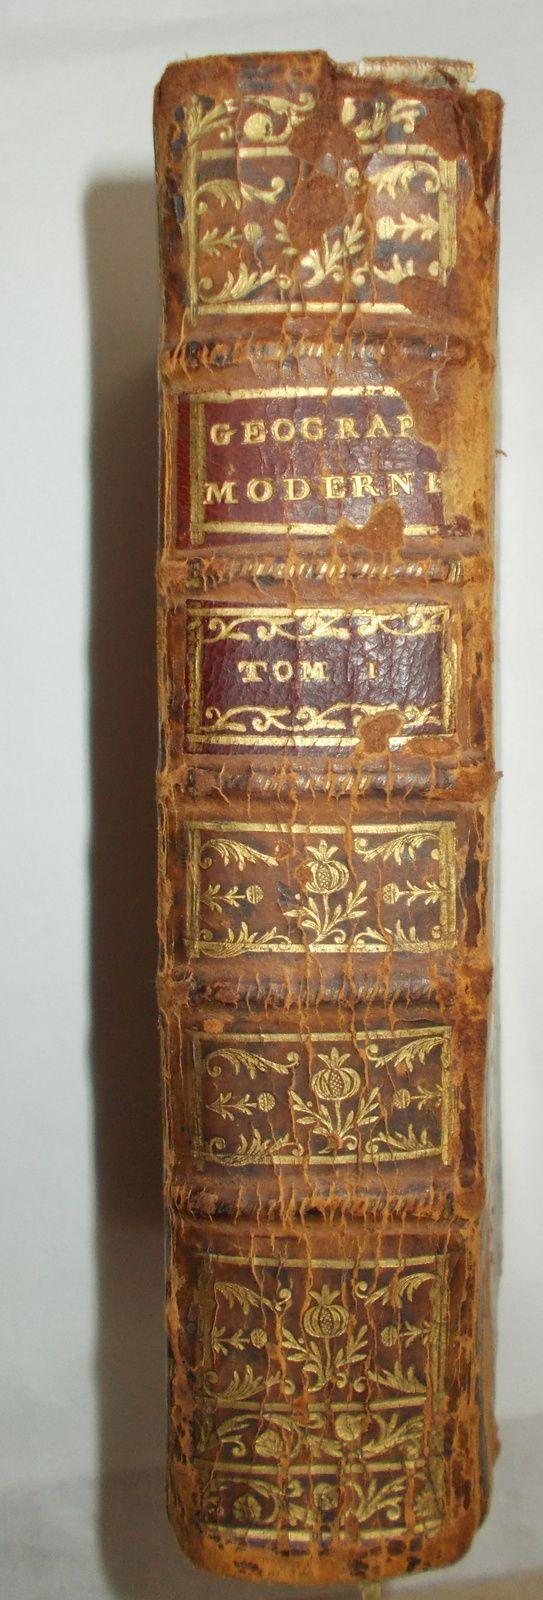 """"""" Géographie moderne"""" de l'abbé Nicolle de la Croix. Edition de 1766. Photos de Régis Roux."""